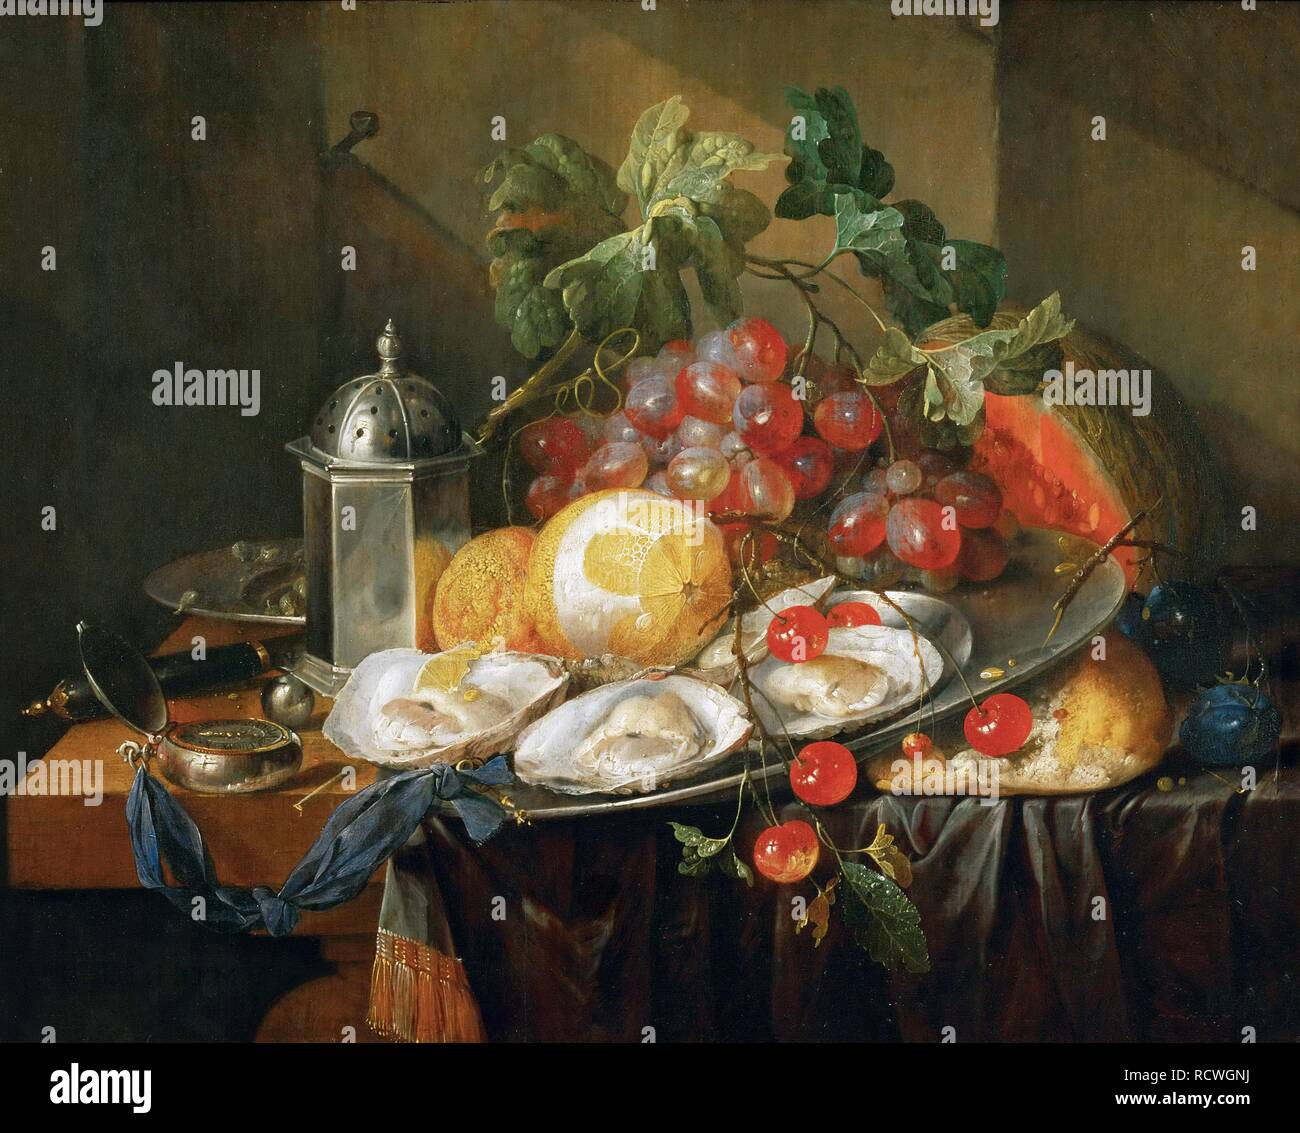 La colazione ancora in vita. Museo: Museo di Storia dell'arte, Vienne. Autore: HEEM, JAN DAVIDSZ DE. Foto Stock